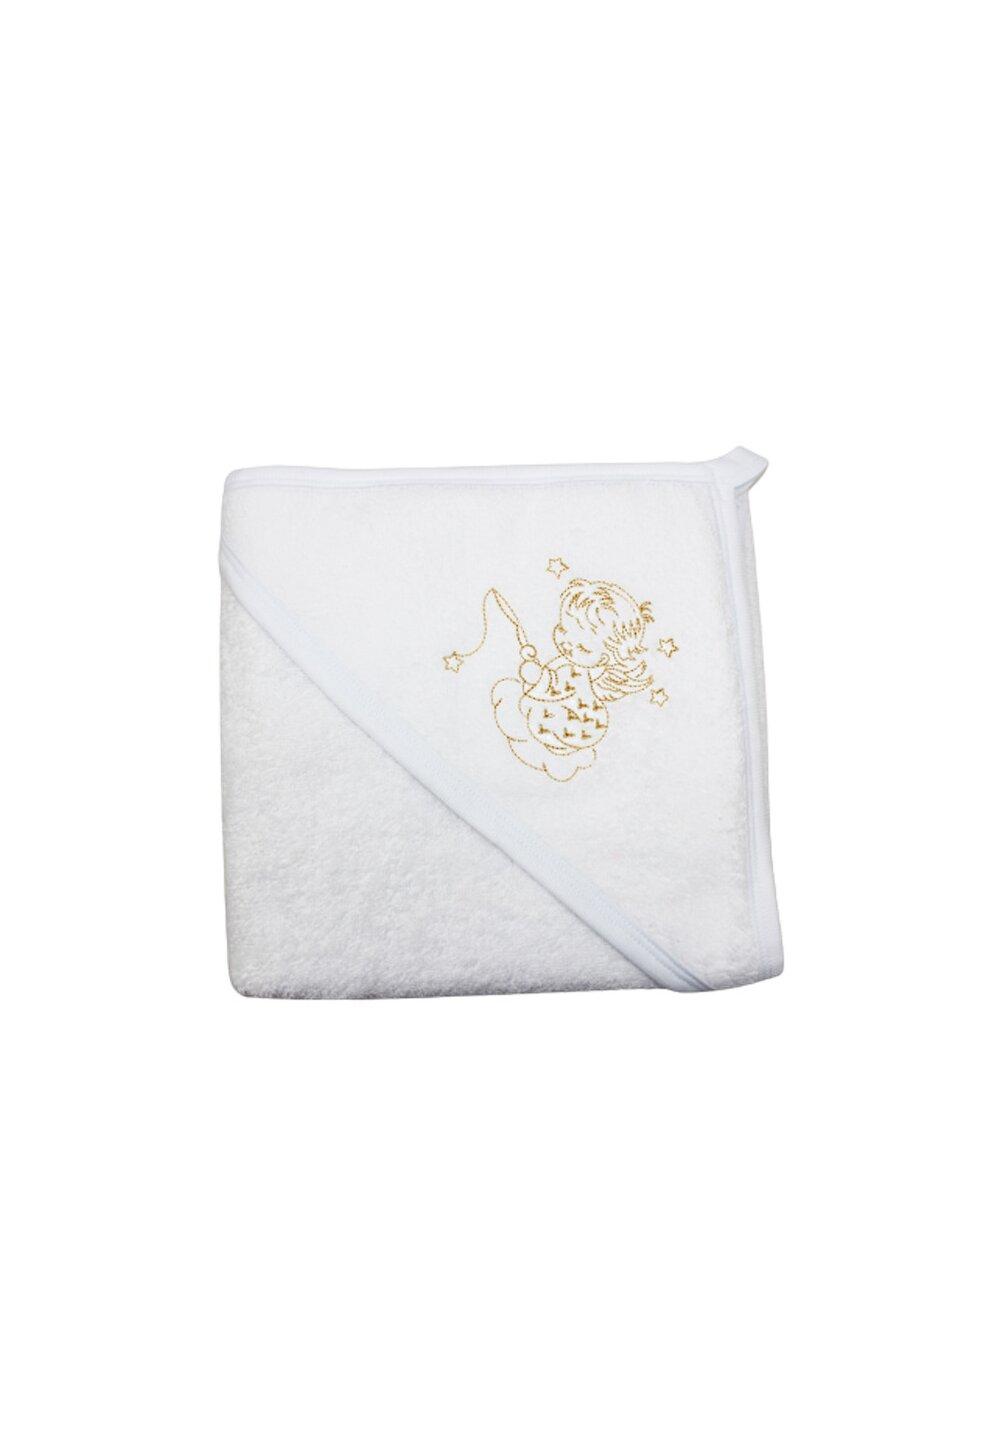 Prosop de baie cu gluga, alb cu ingeras, 80x100 cm imagine